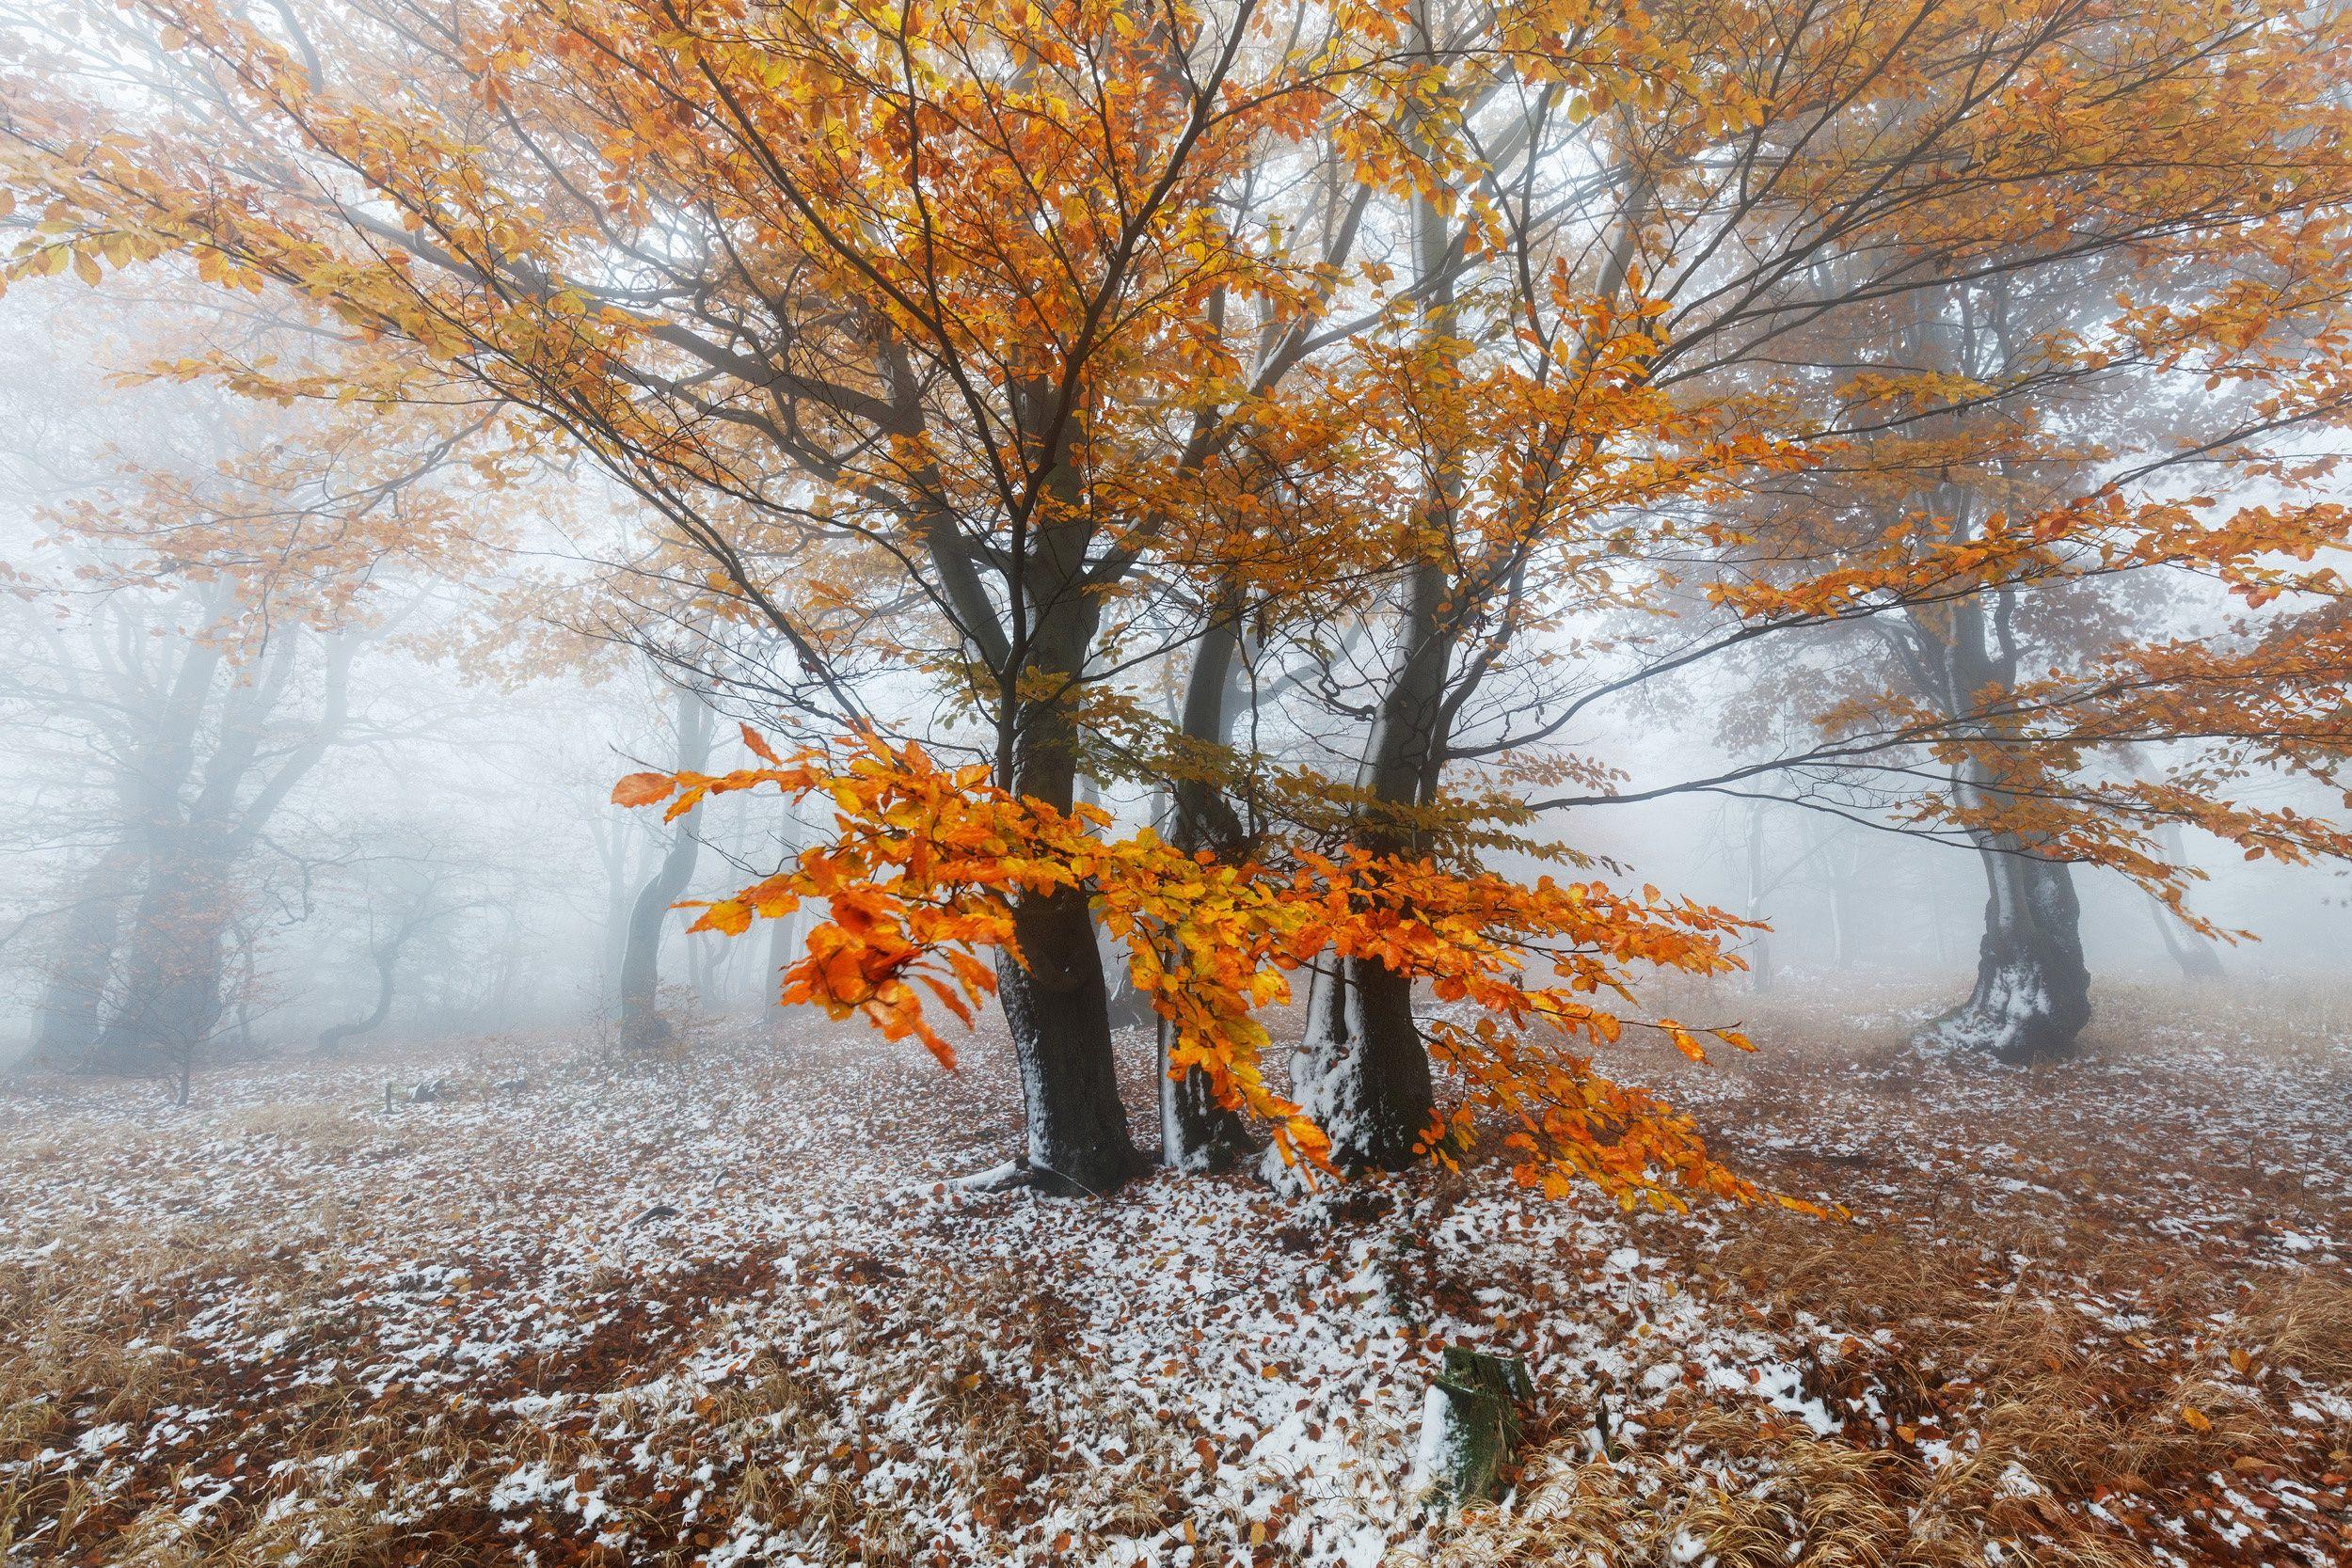 шарики получаются природа в конце ноября фото виды, имеющие